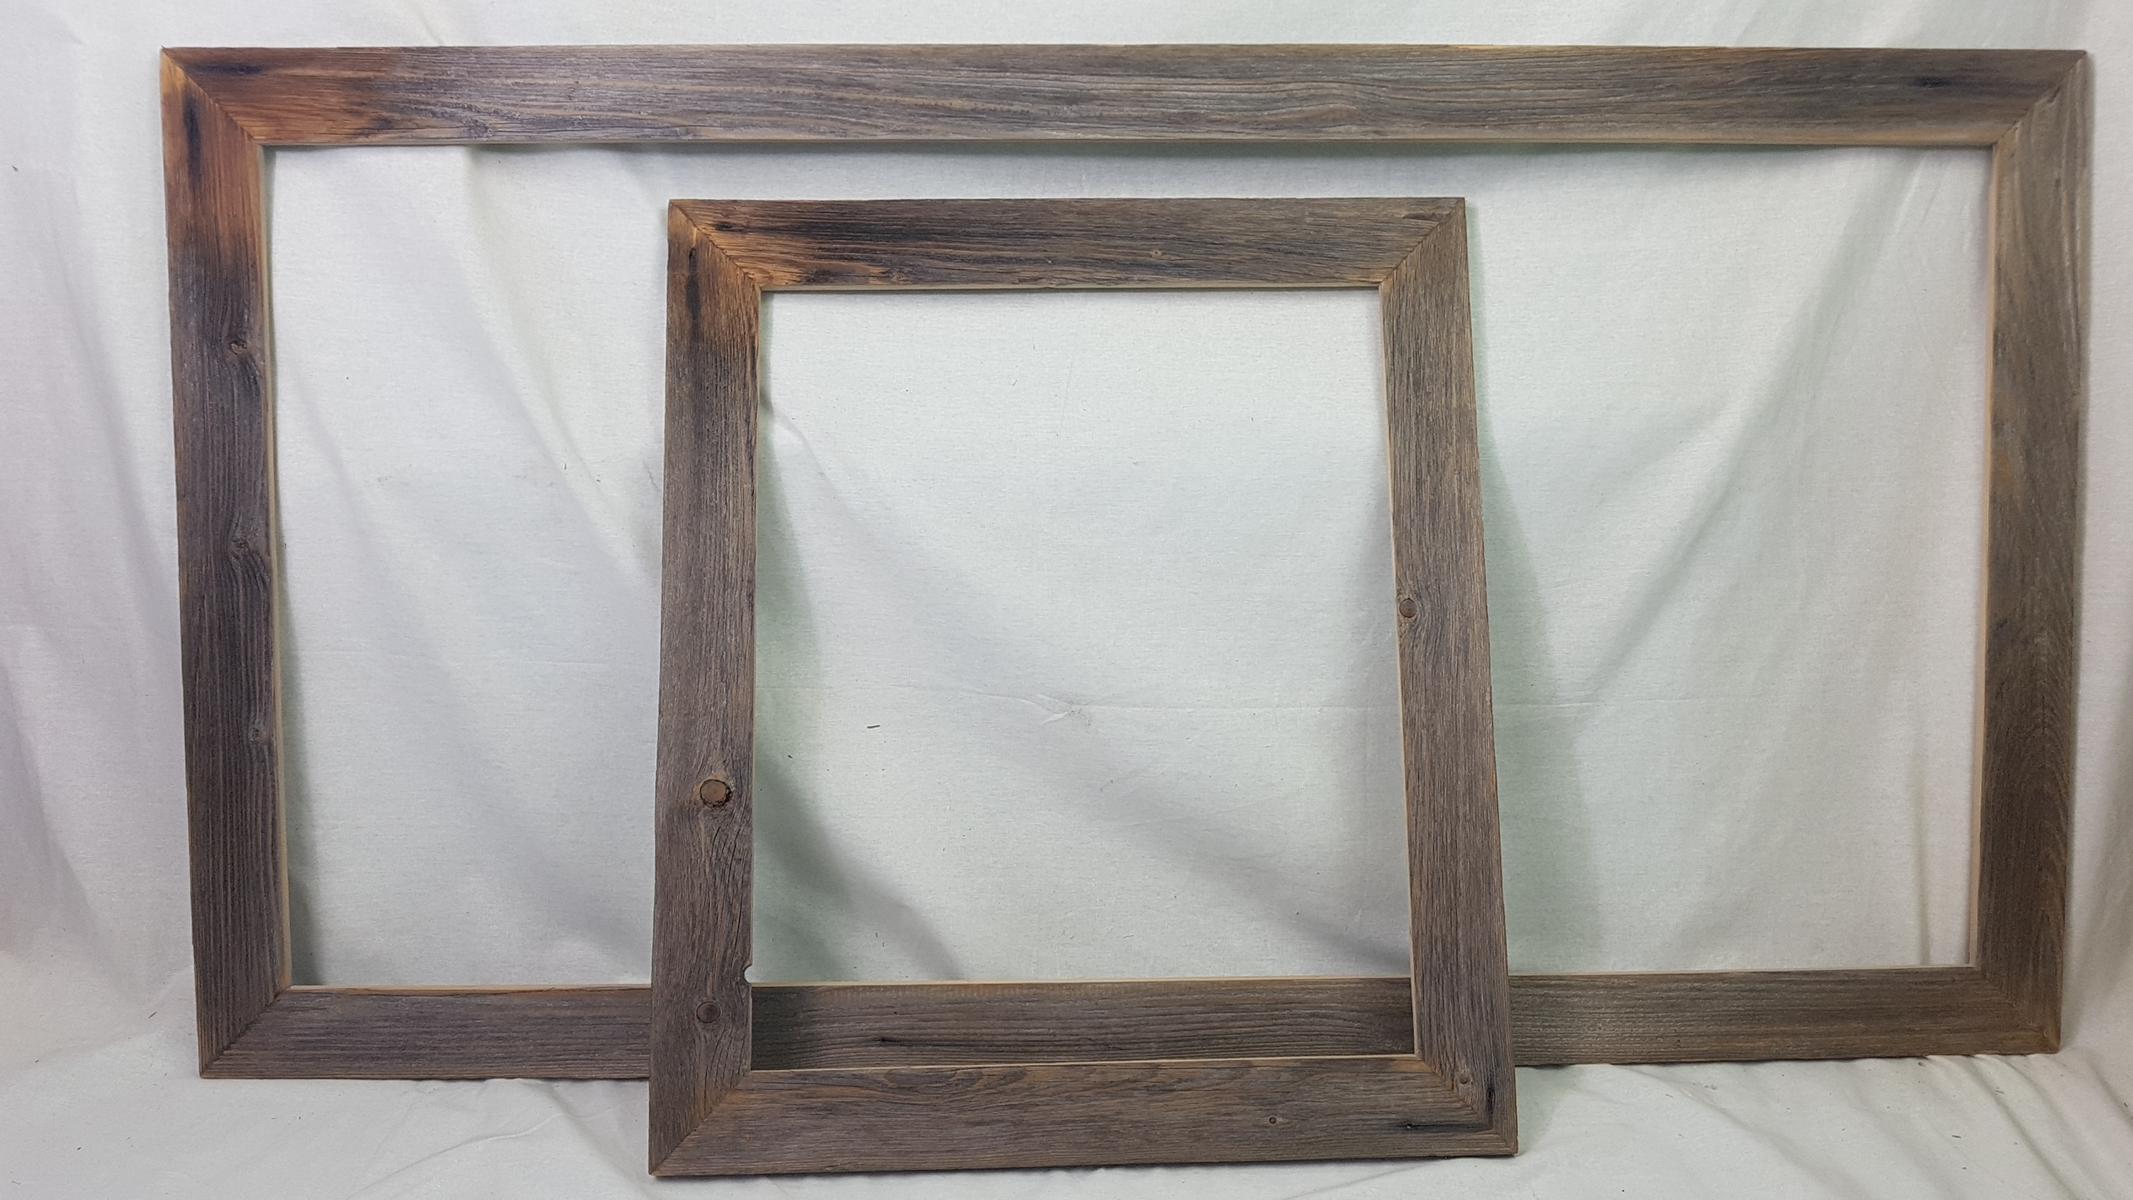 Großartig Holz Spiegelrahmen Fotos - Benutzerdefinierte Bilderrahmen ...